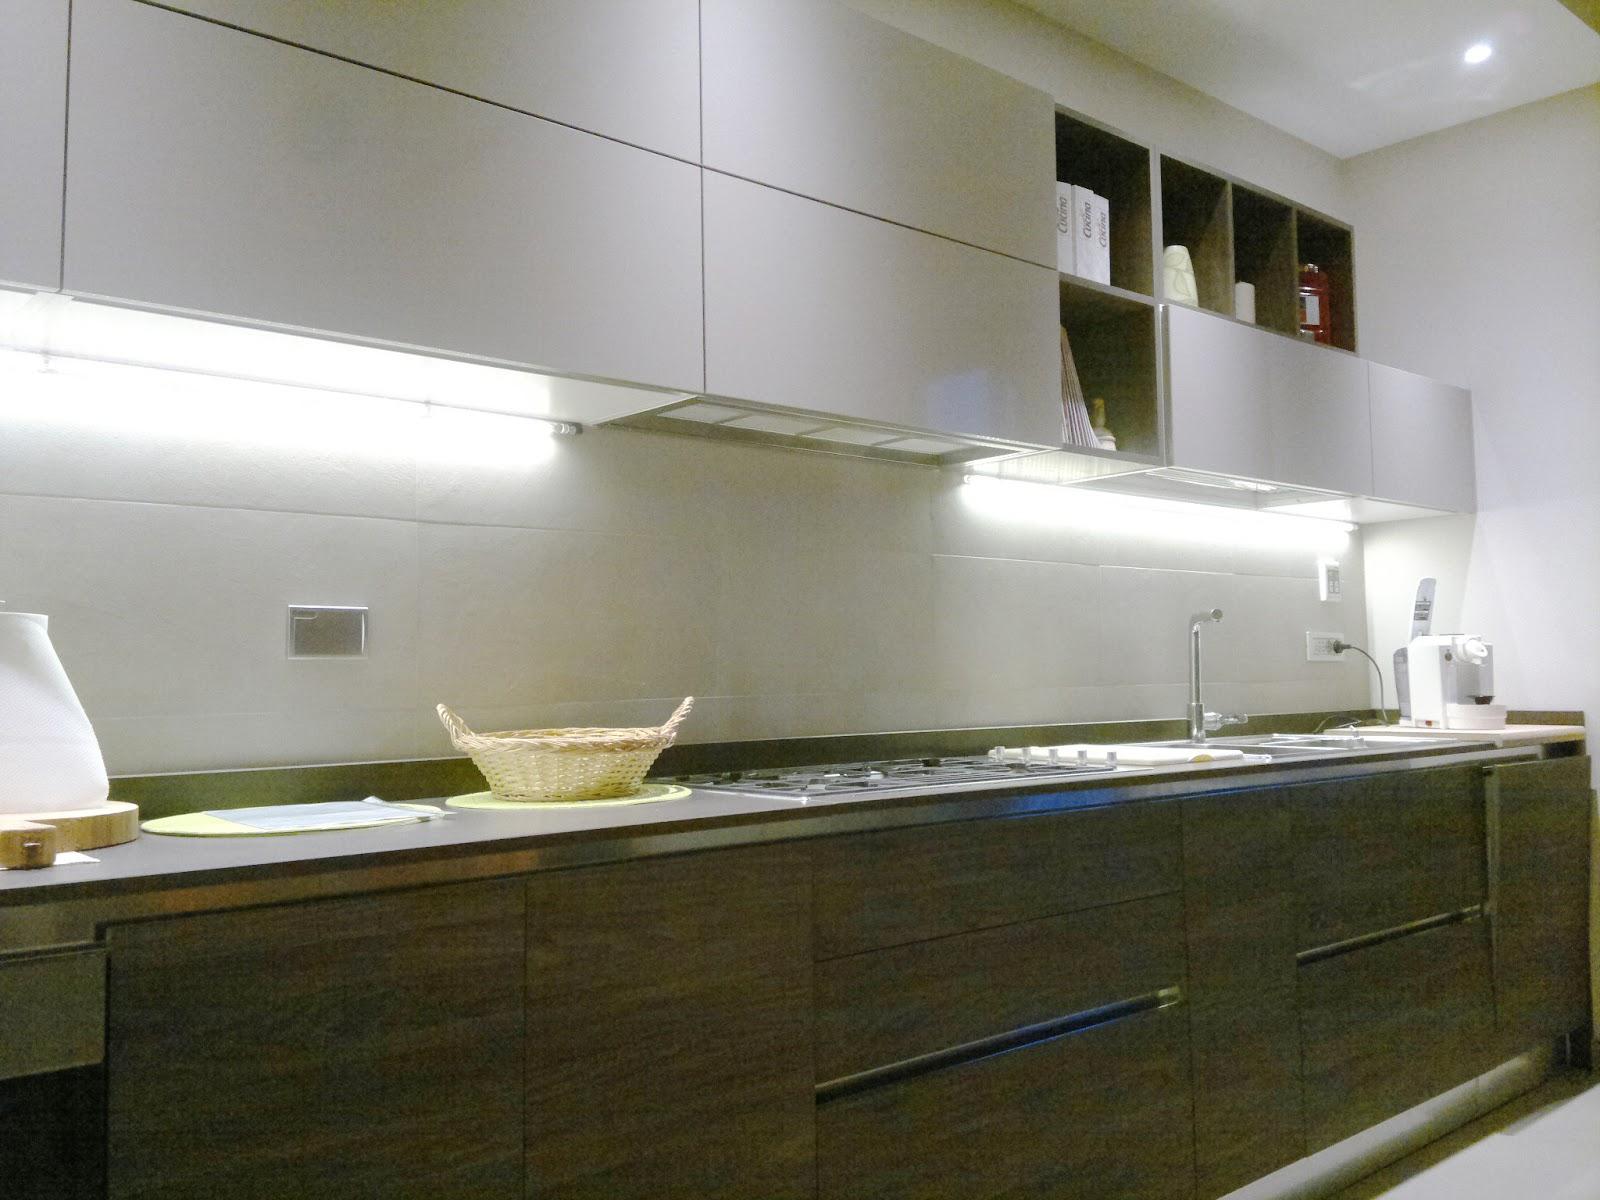 Illuminazione led casa illuminazione sottopensile a led la luce giusta per cucinare - Luce per cucina ...